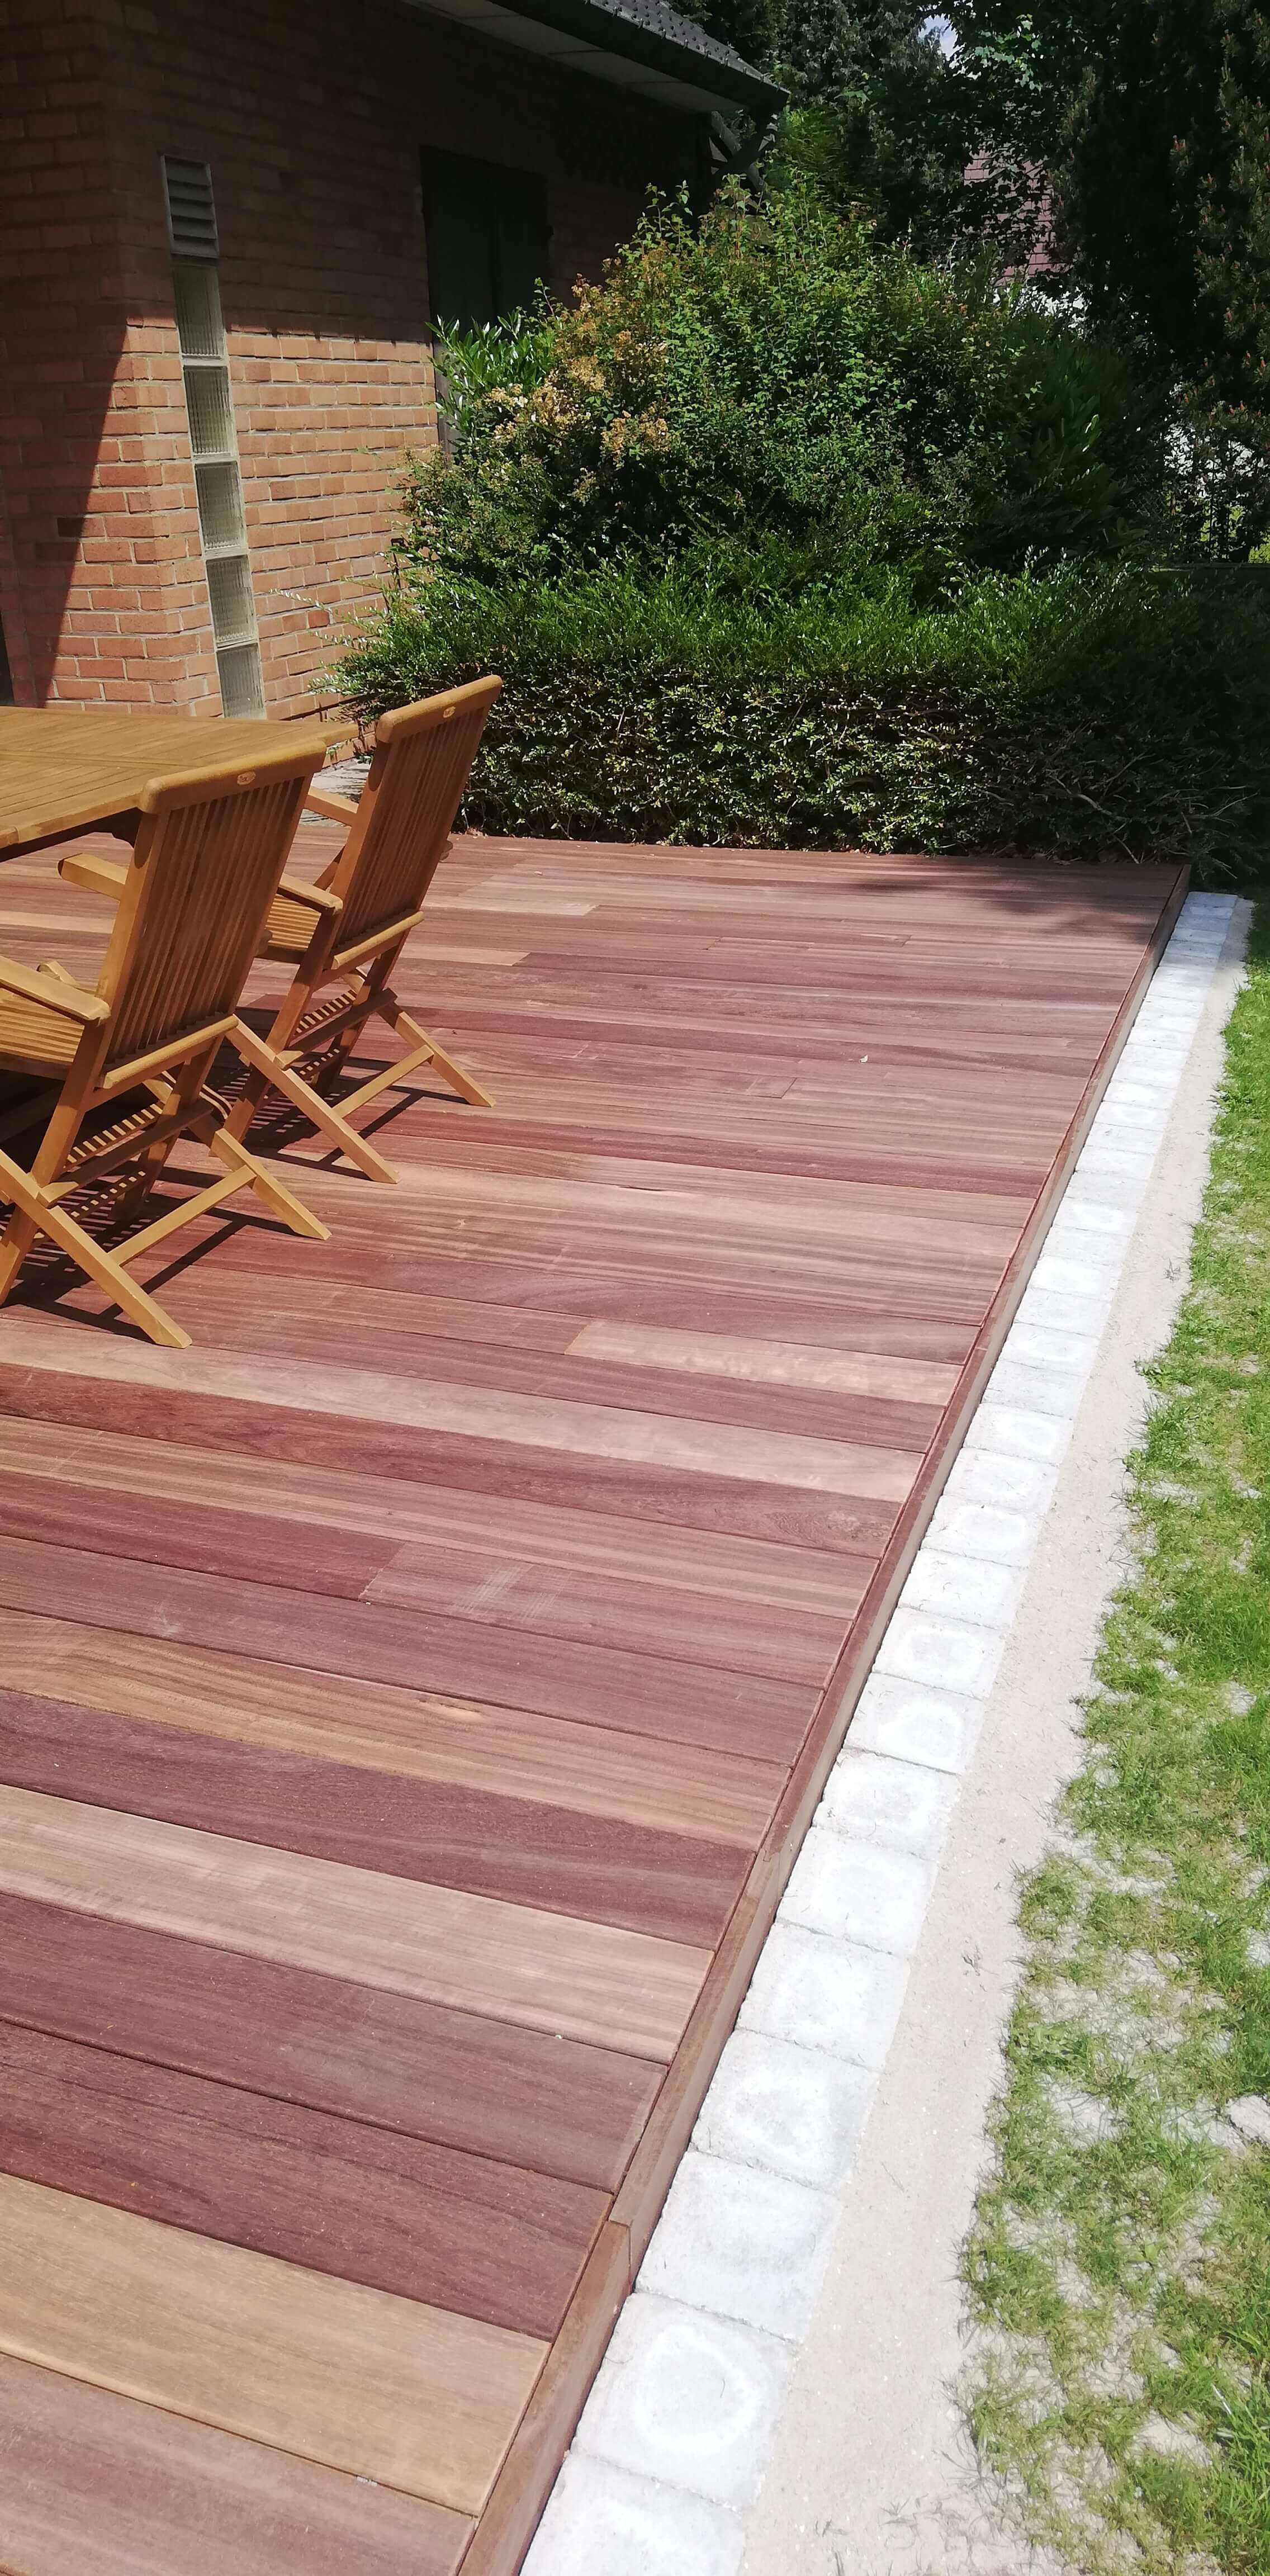 terrasse en bois de padouk - Jardinier Laurent entreprise de ...